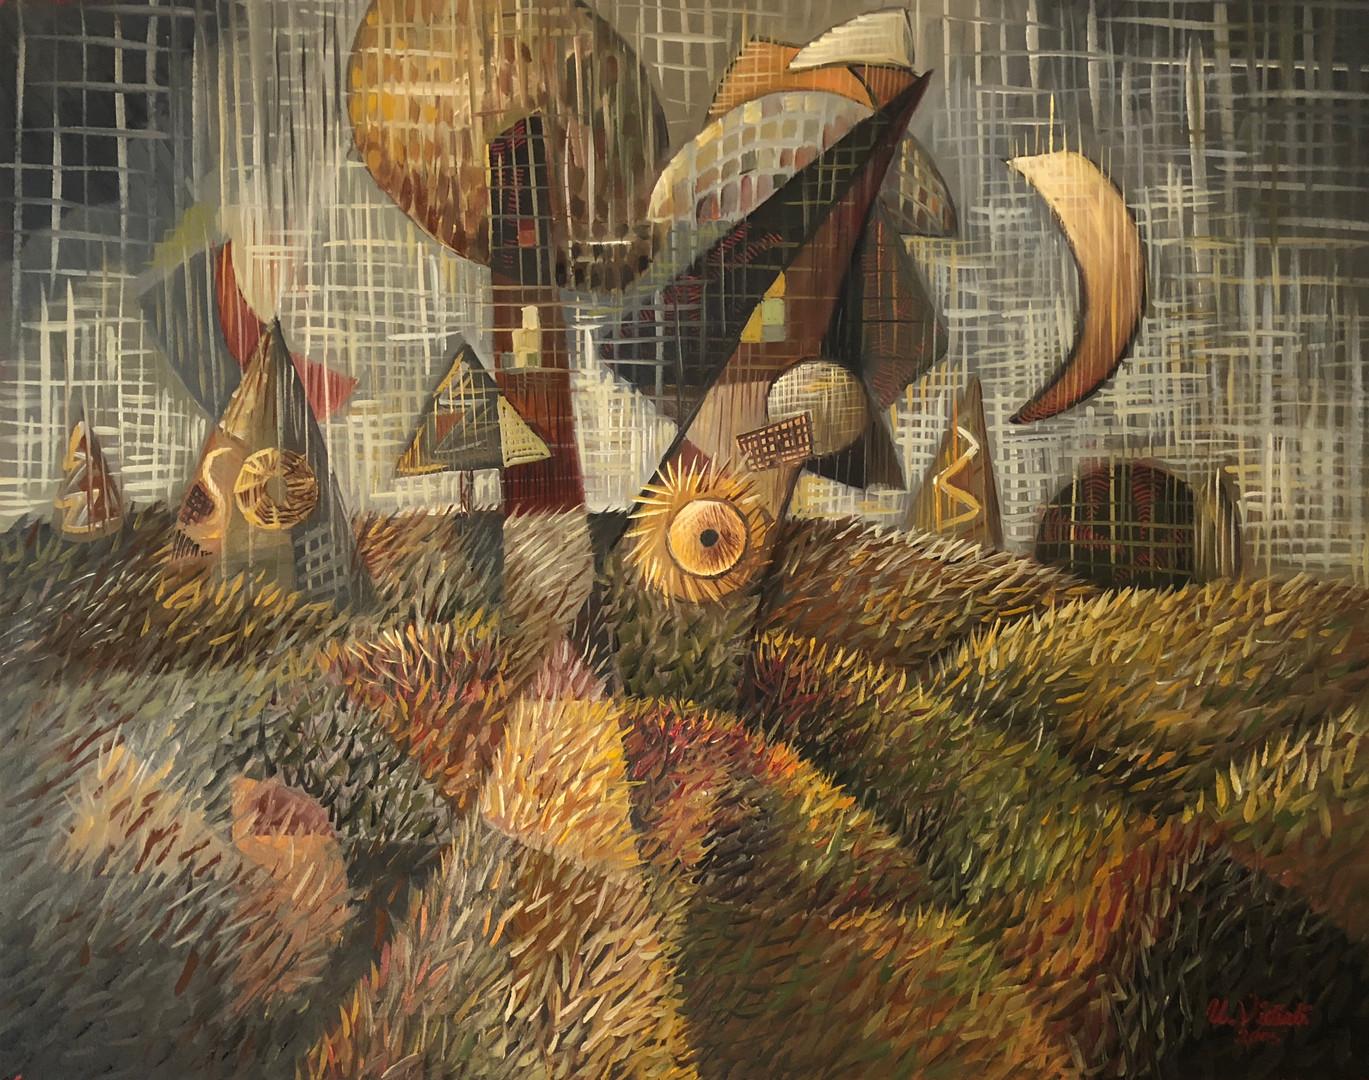 Tüylü peysaj, 2005, TÜY, 80 X 63 cm